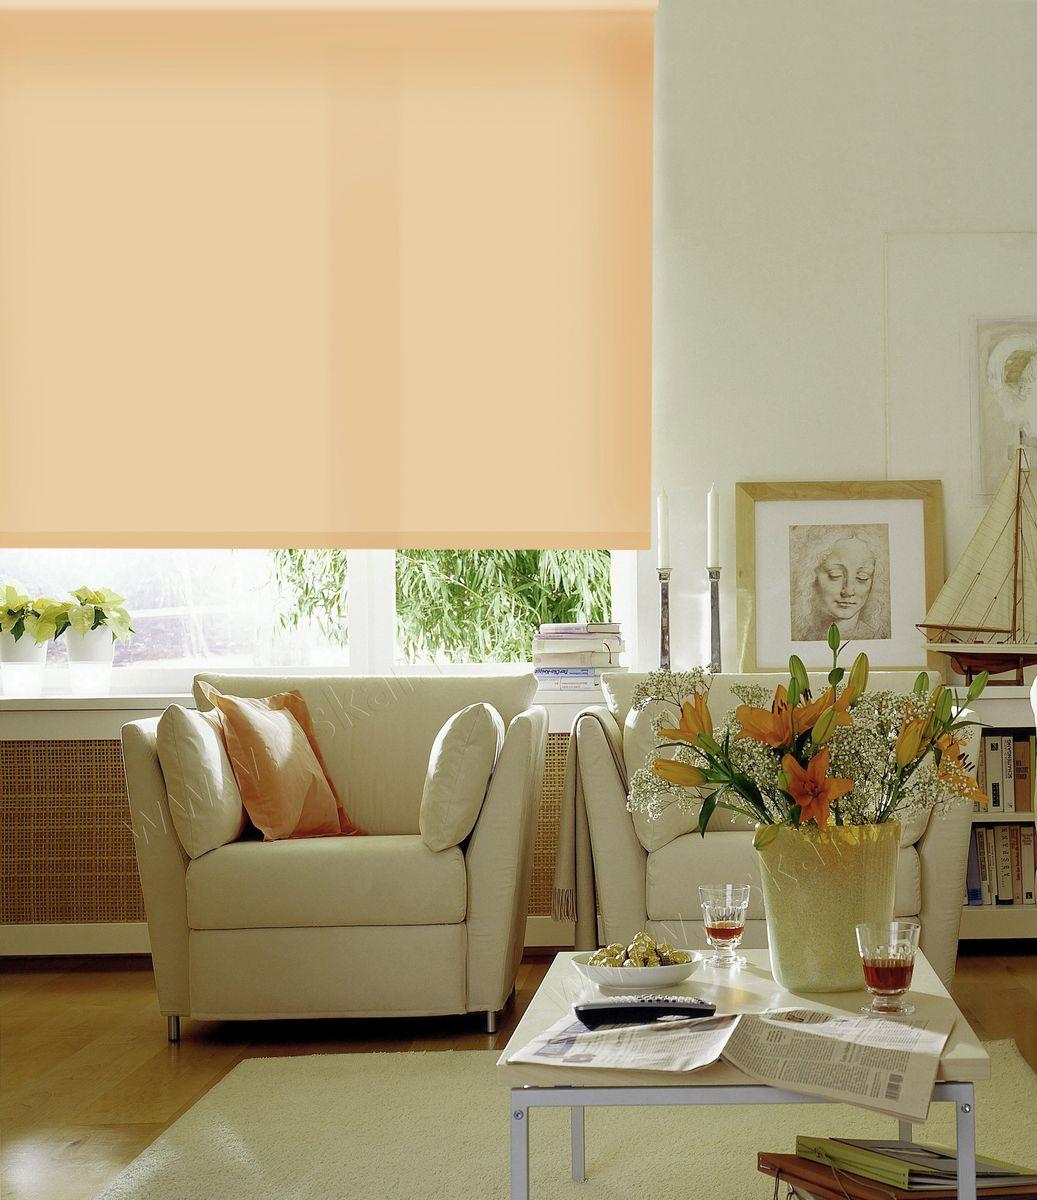 Штора рулонная Эскар, цвет: светло-абрикосовый, ширина 160 см, высота 170 см81209080170Рулонными шторами можно оформлять окна как самостоятельно, так и использовать в комбинации с портьерами. Это поможет предотвратить выгорание дорогой ткани на солнце и соединит функционал рулонных с красотой навесных.Преимущества применения рулонных штор для пластиковых окон:- имеют прекрасный внешний вид: многообразие и фактурность материала изделия отлично смотрятся в любом интерьере; - многофункциональны: есть возможность подобрать шторы способные эффективно защитить комнату от солнца, при этом о на не будет слишком темной. - Есть возможность осуществить быстрый монтаж. ВНИМАНИЕ! Размеры ширины изделия указаны по ширине ткани!Во время эксплуатации не рекомендуется полностью разматывать рулон, чтобы не оторвать ткань от намоточного вала.В случае загрязнения поверхности ткани, чистку шторы проводят одним из способов, в зависимости от типа загрязнения: легкое поверхностное загрязнение можно удалить при помощи канцелярского ластика; чистка от пыли производится сухим методом при помощи пылесоса с мягкой щеткой-насадкой; для удаления пятна используйте мягкую губку с пенообразующим неагрессивным моющим средством или пятновыводитель на натуральной основе (нельзя применять растворители).